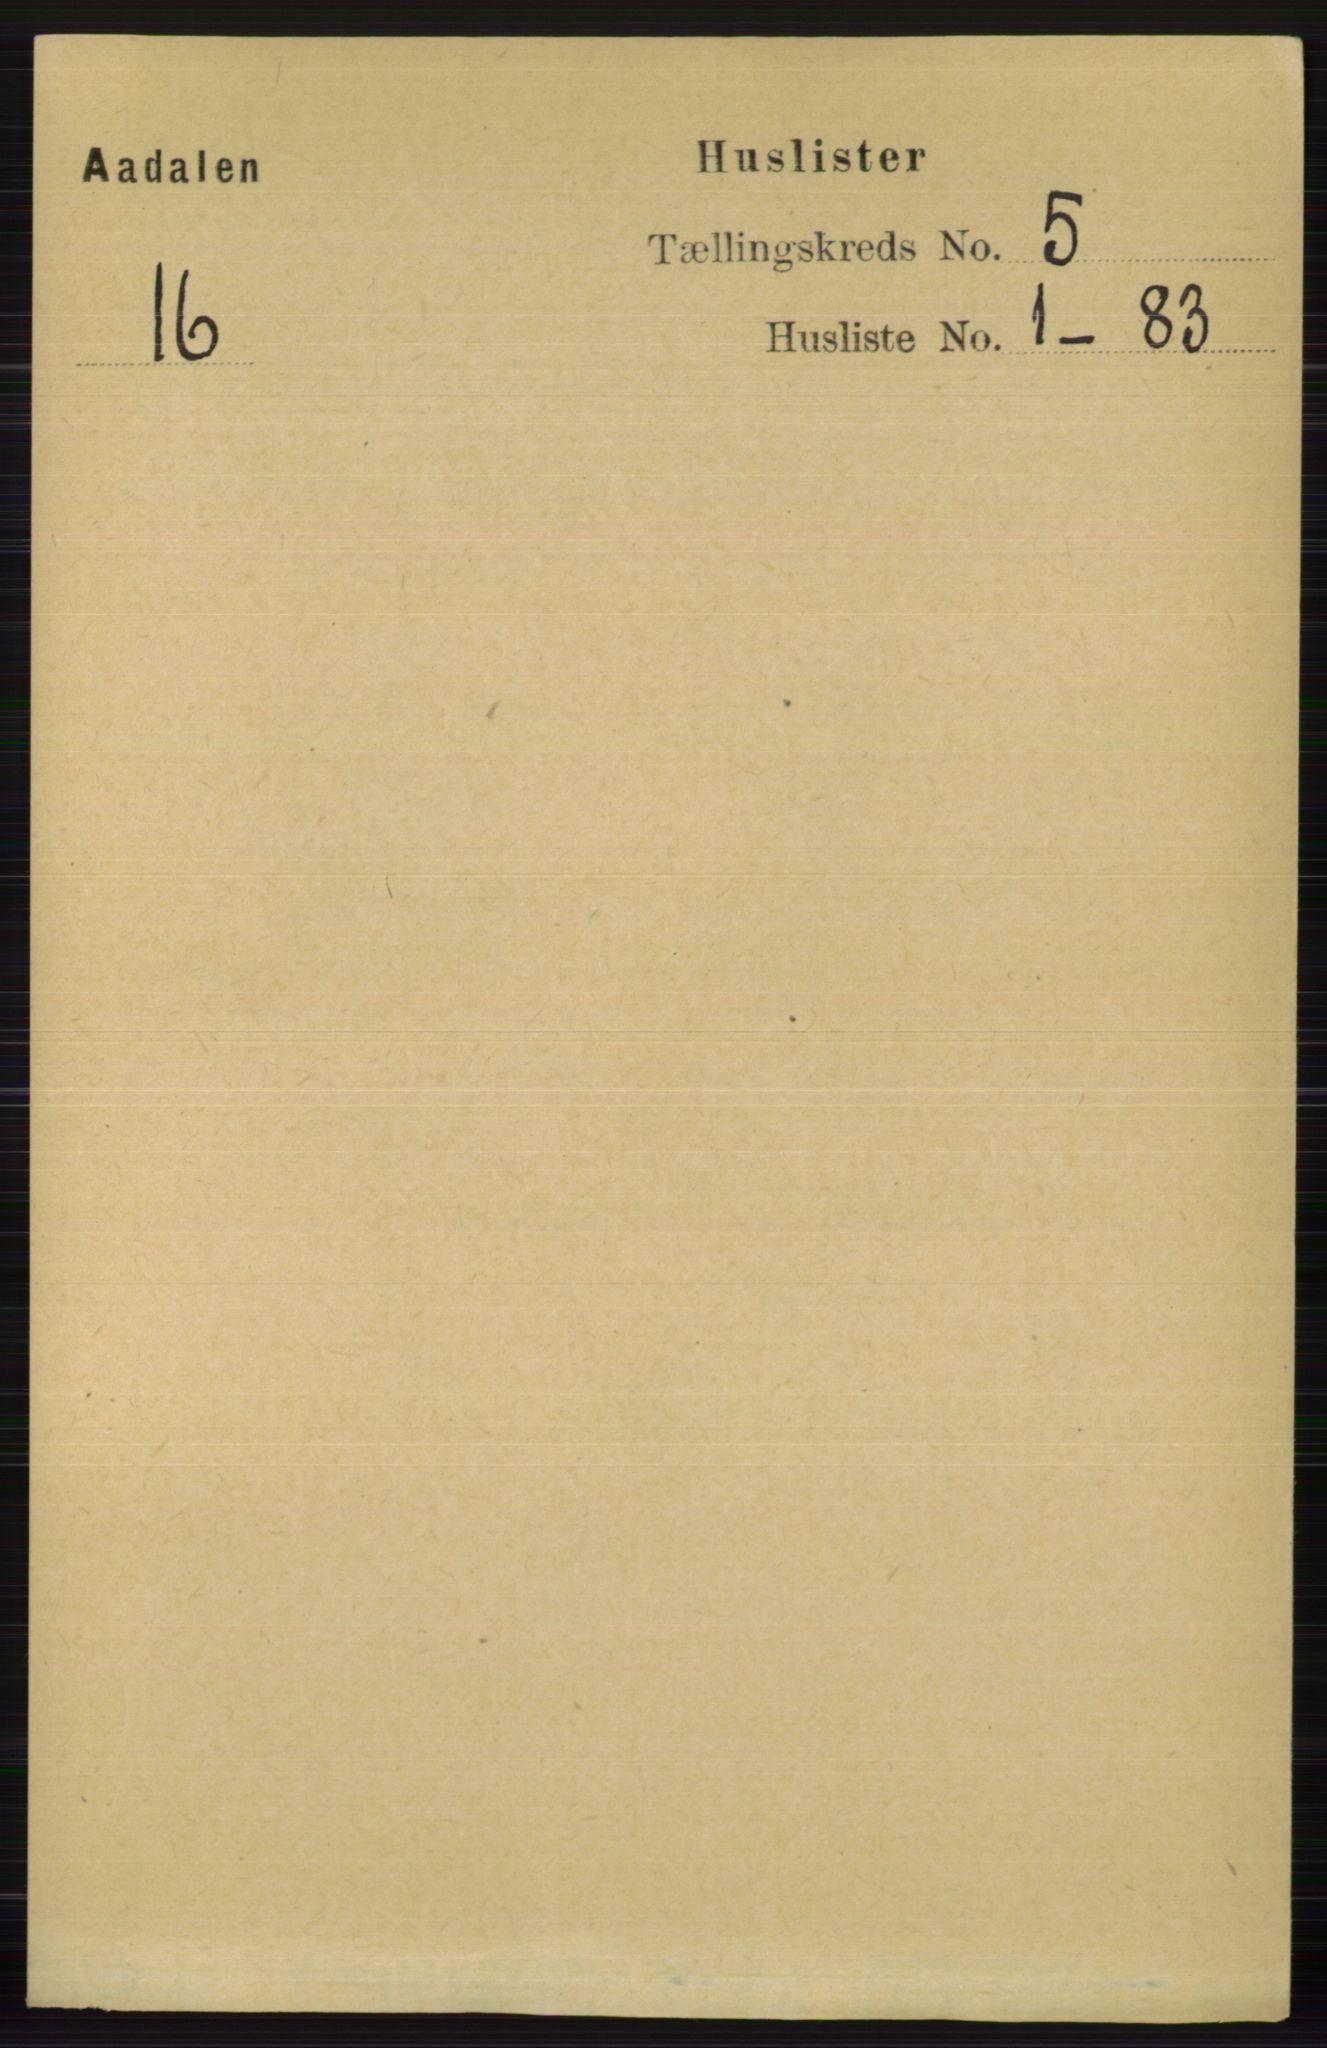 RA, Folketelling 1891 for 0614 Ådal herred, 1891, s. 1927